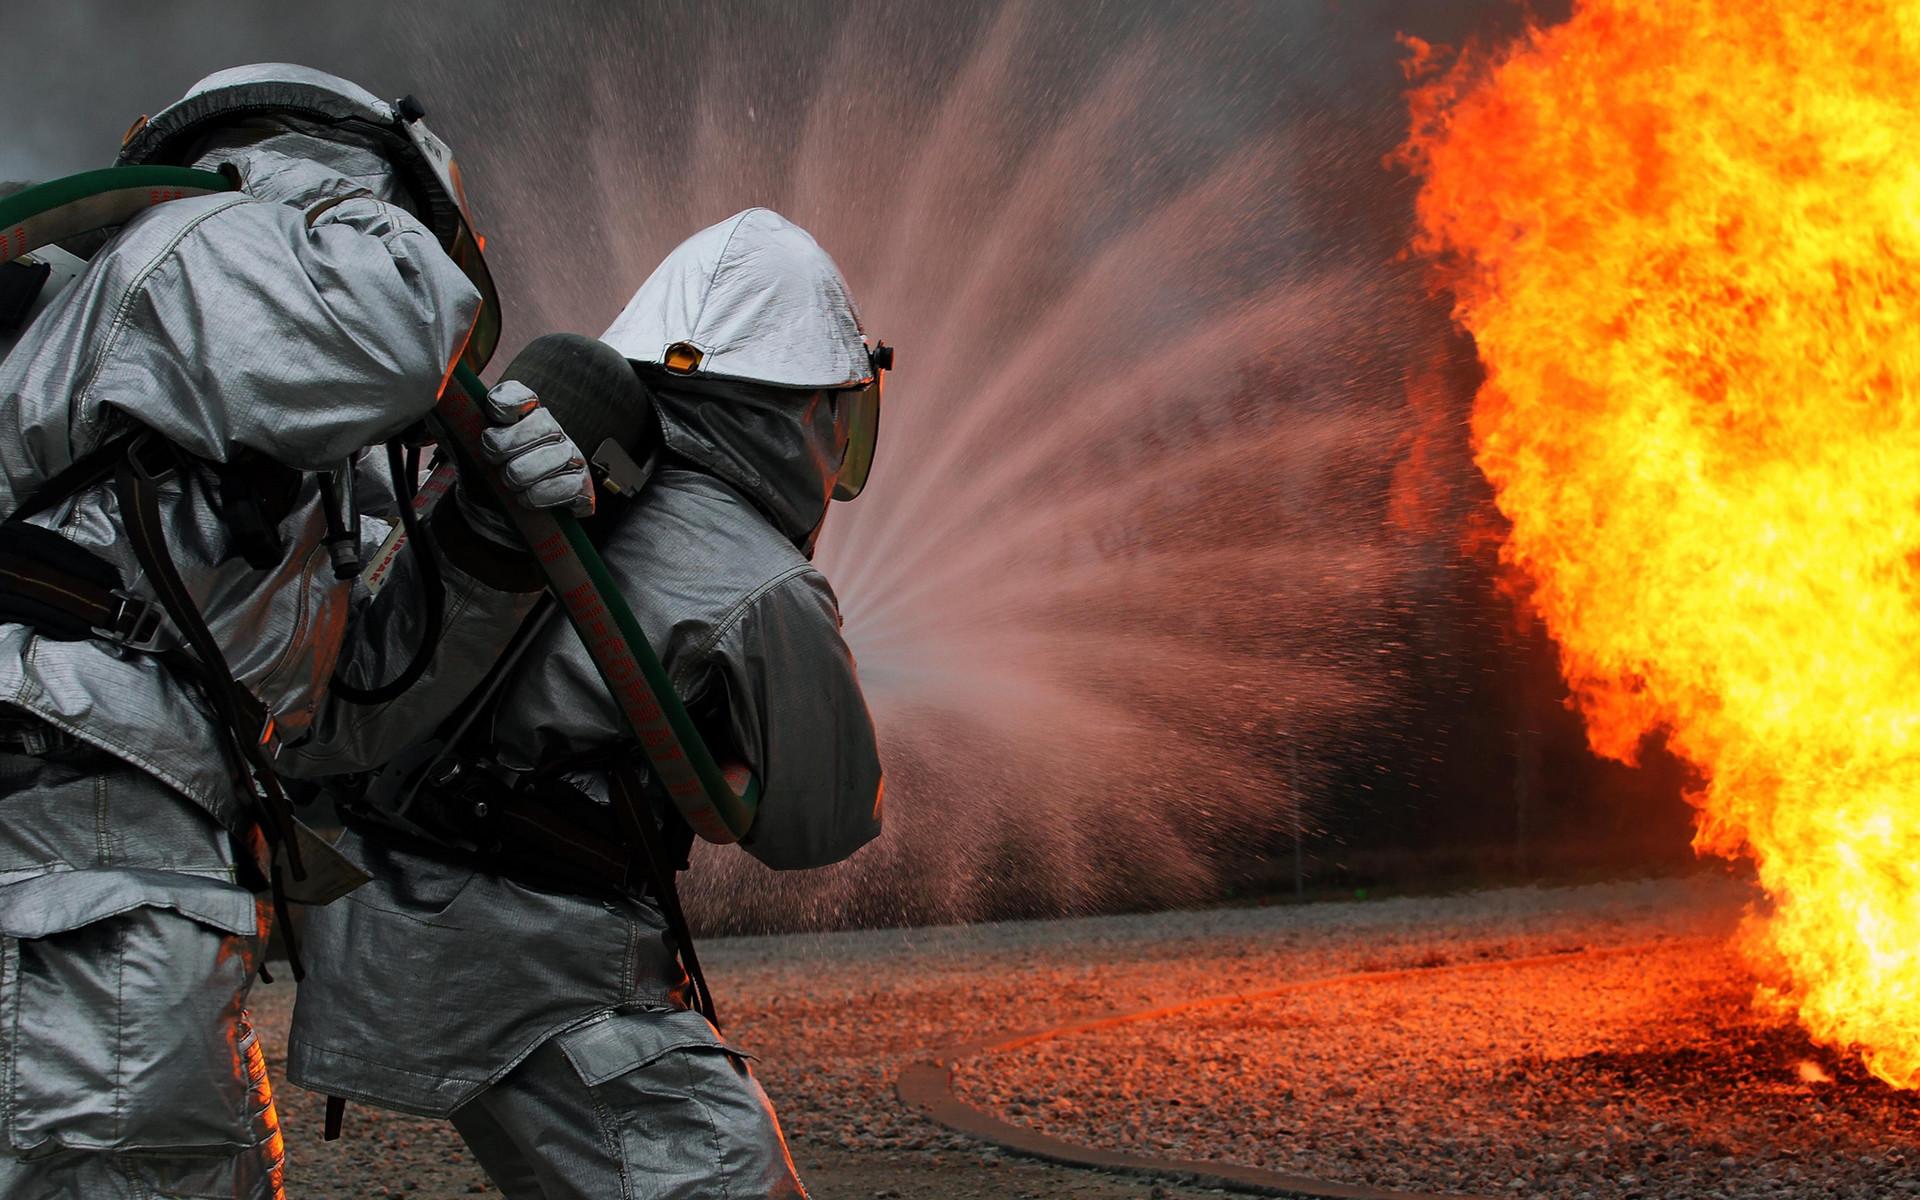 Firefighter Fire wallpaper | | 36861 | WallpaperUP